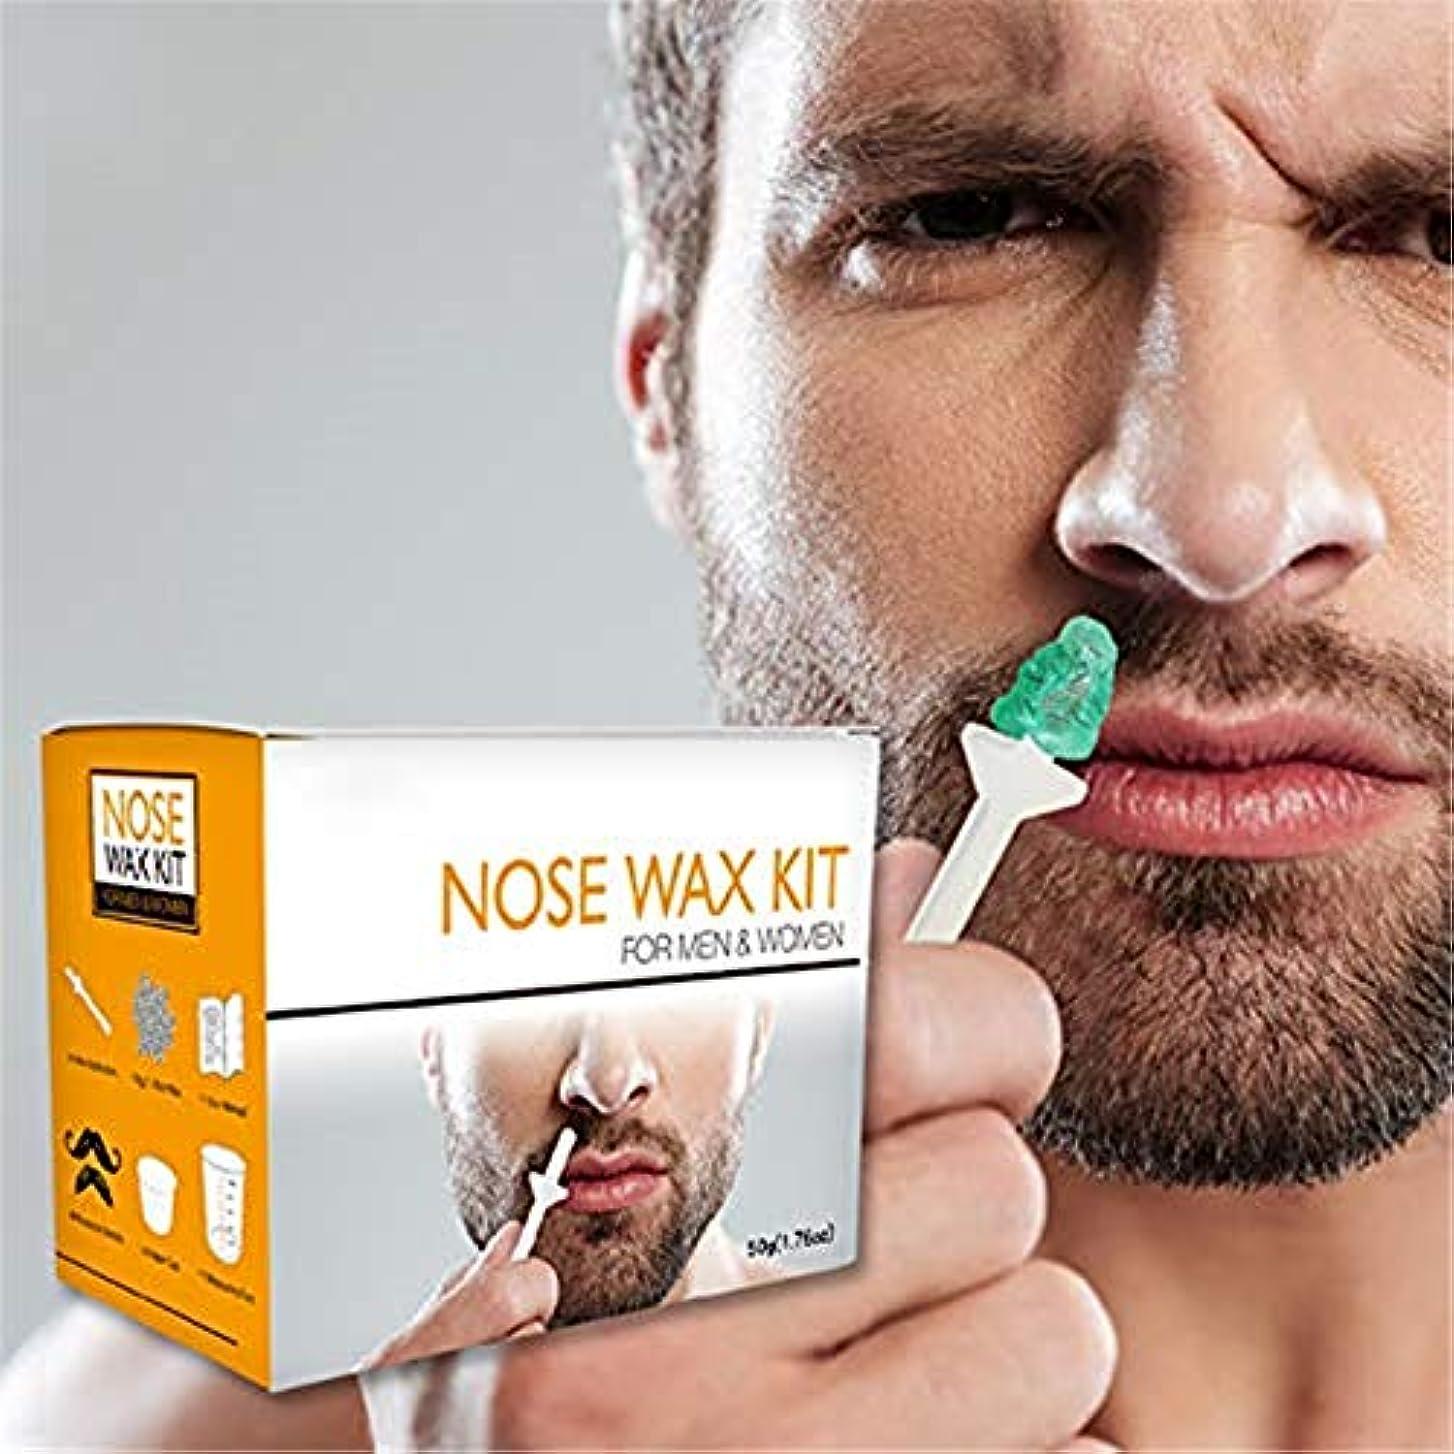 ピンコンパクト南東脱毛鼻ワックスキットポータブル鼻毛除去化粧品ツール鼻毛トリマー男性の毛髪削除